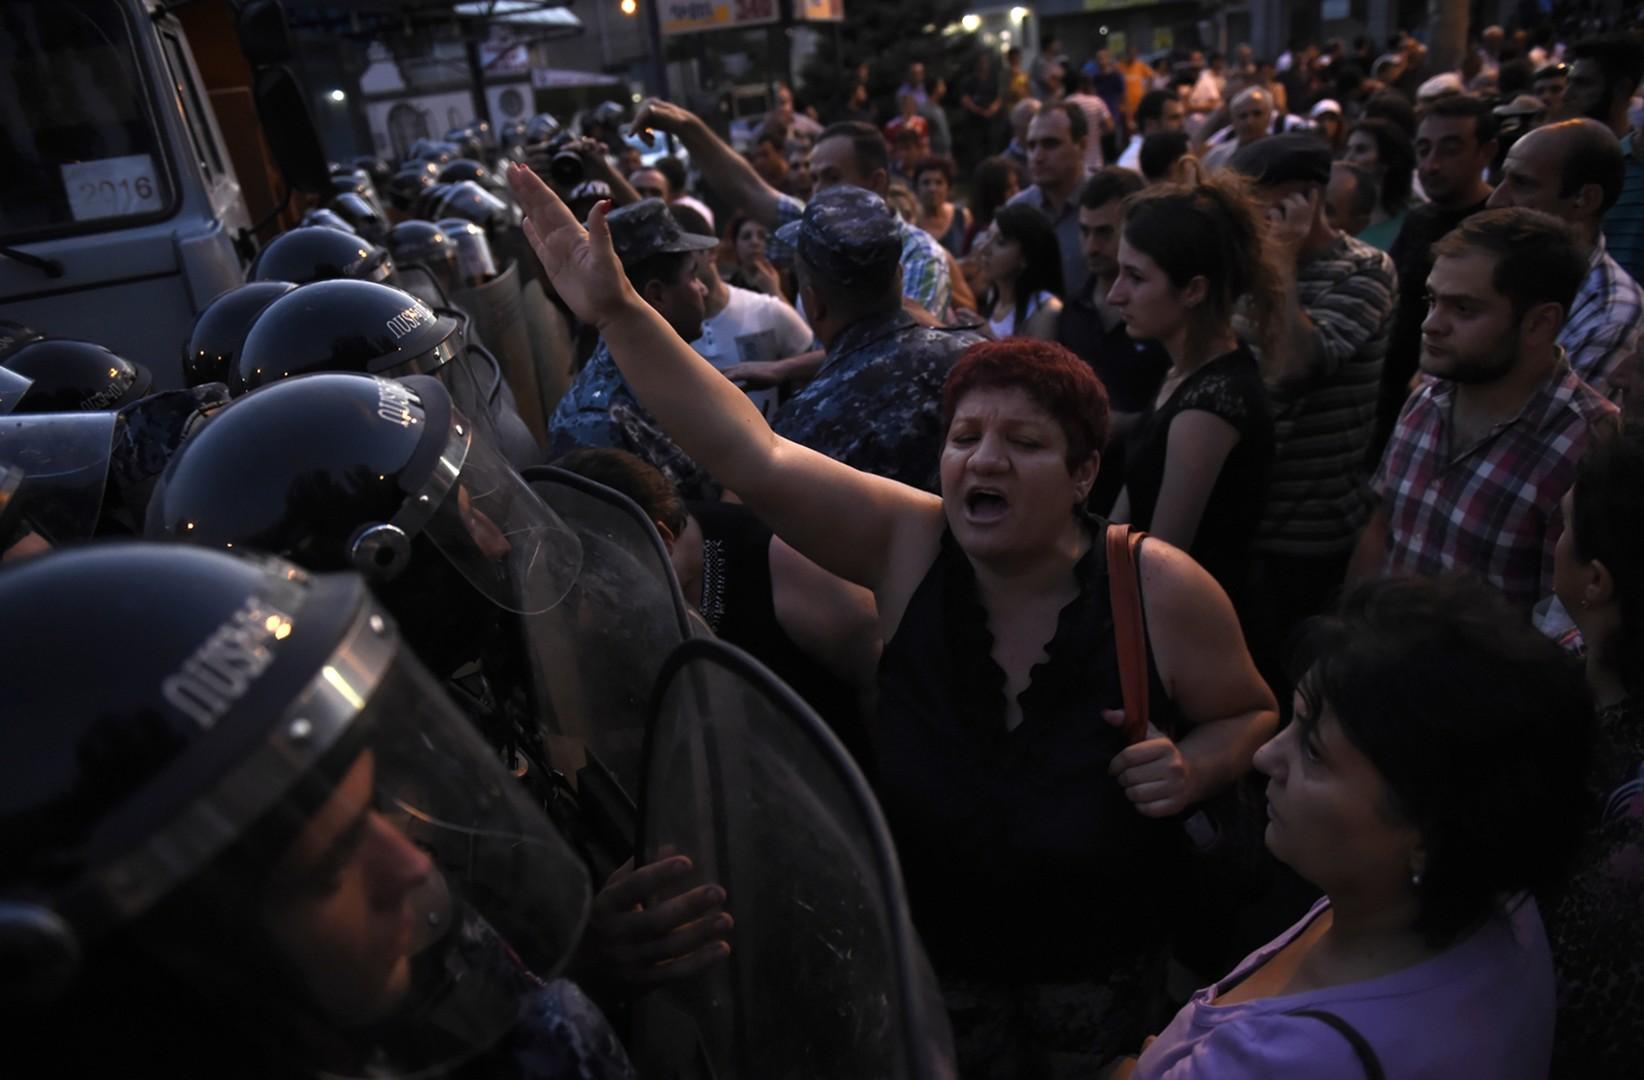 Geiseldrama in Armenien dauert an - Menschenmenge verhindert Sturm durch Spezialeinheiten